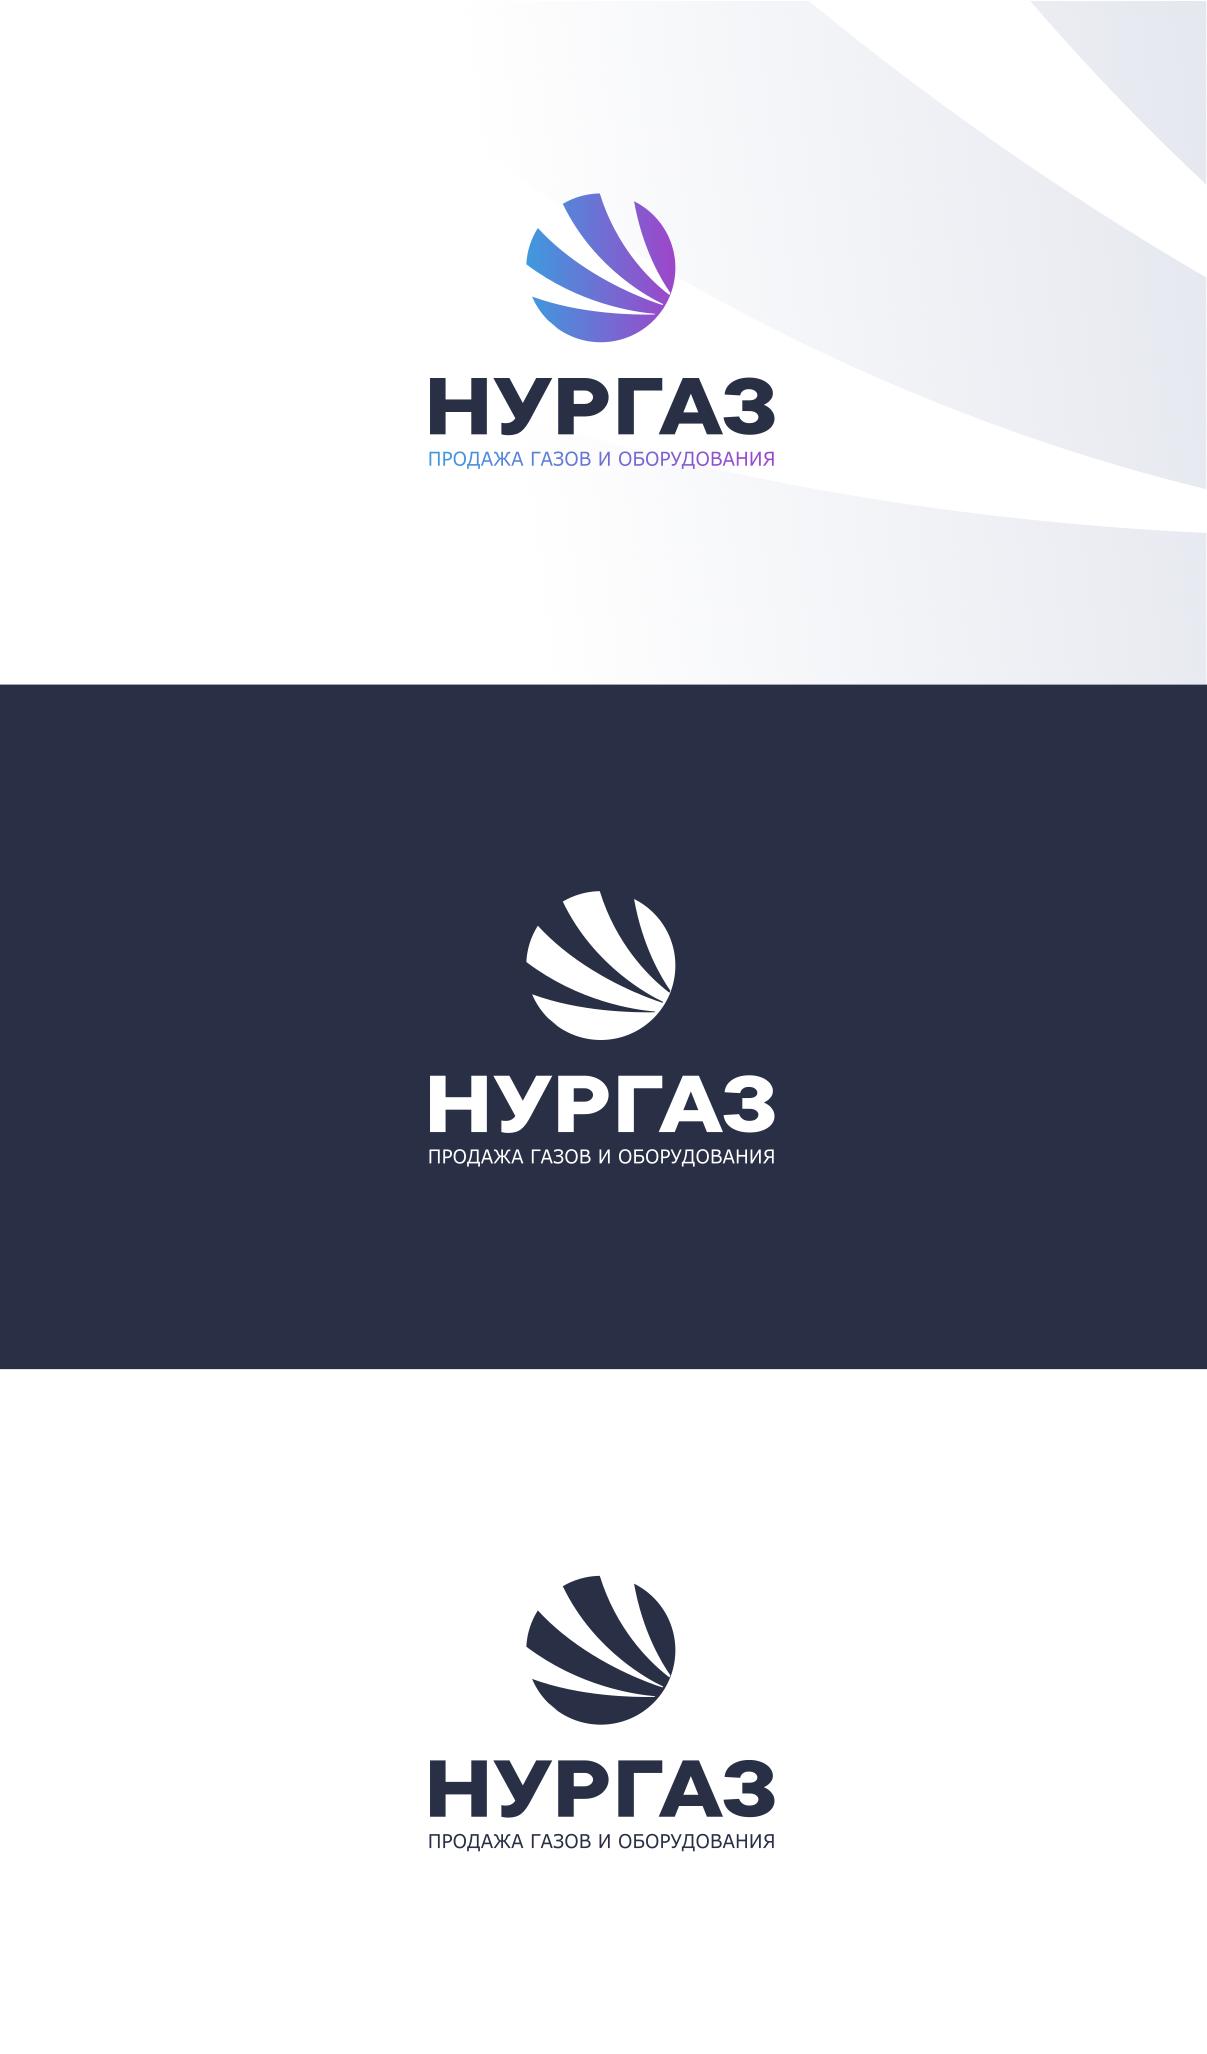 Разработка логотипа и фирменного стиля фото f_5645dab51409b0bb.png